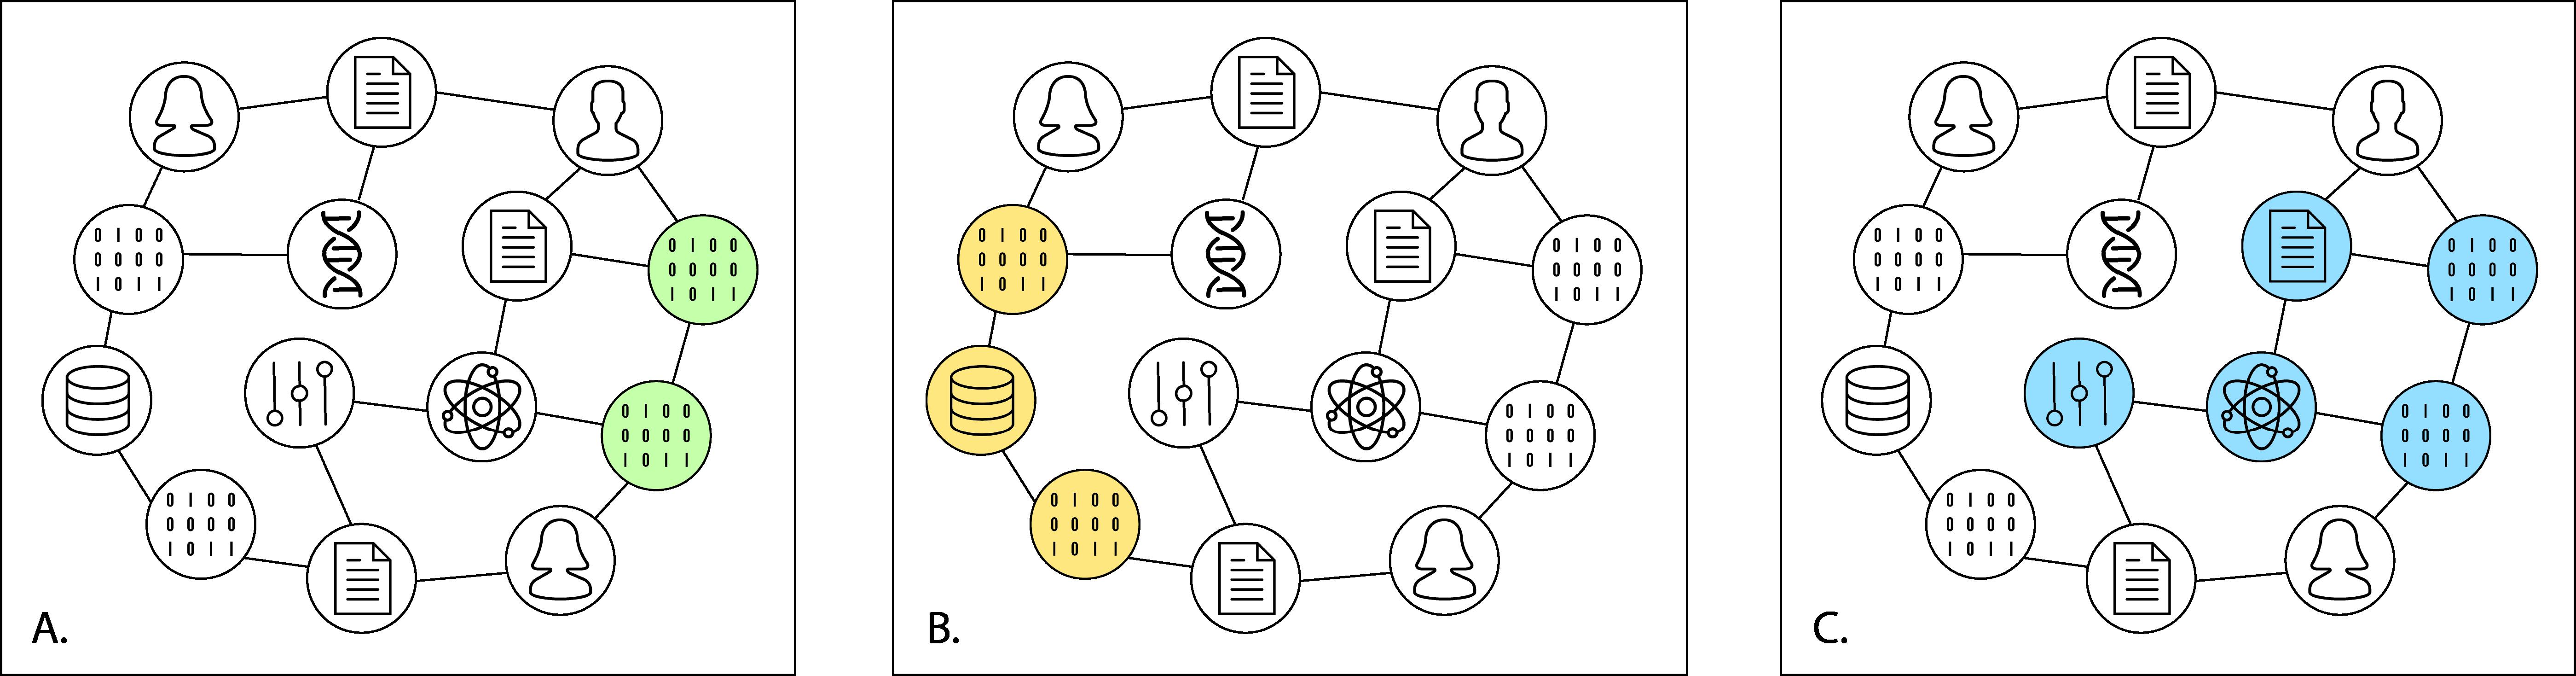 DataCite GraphQL API Guide